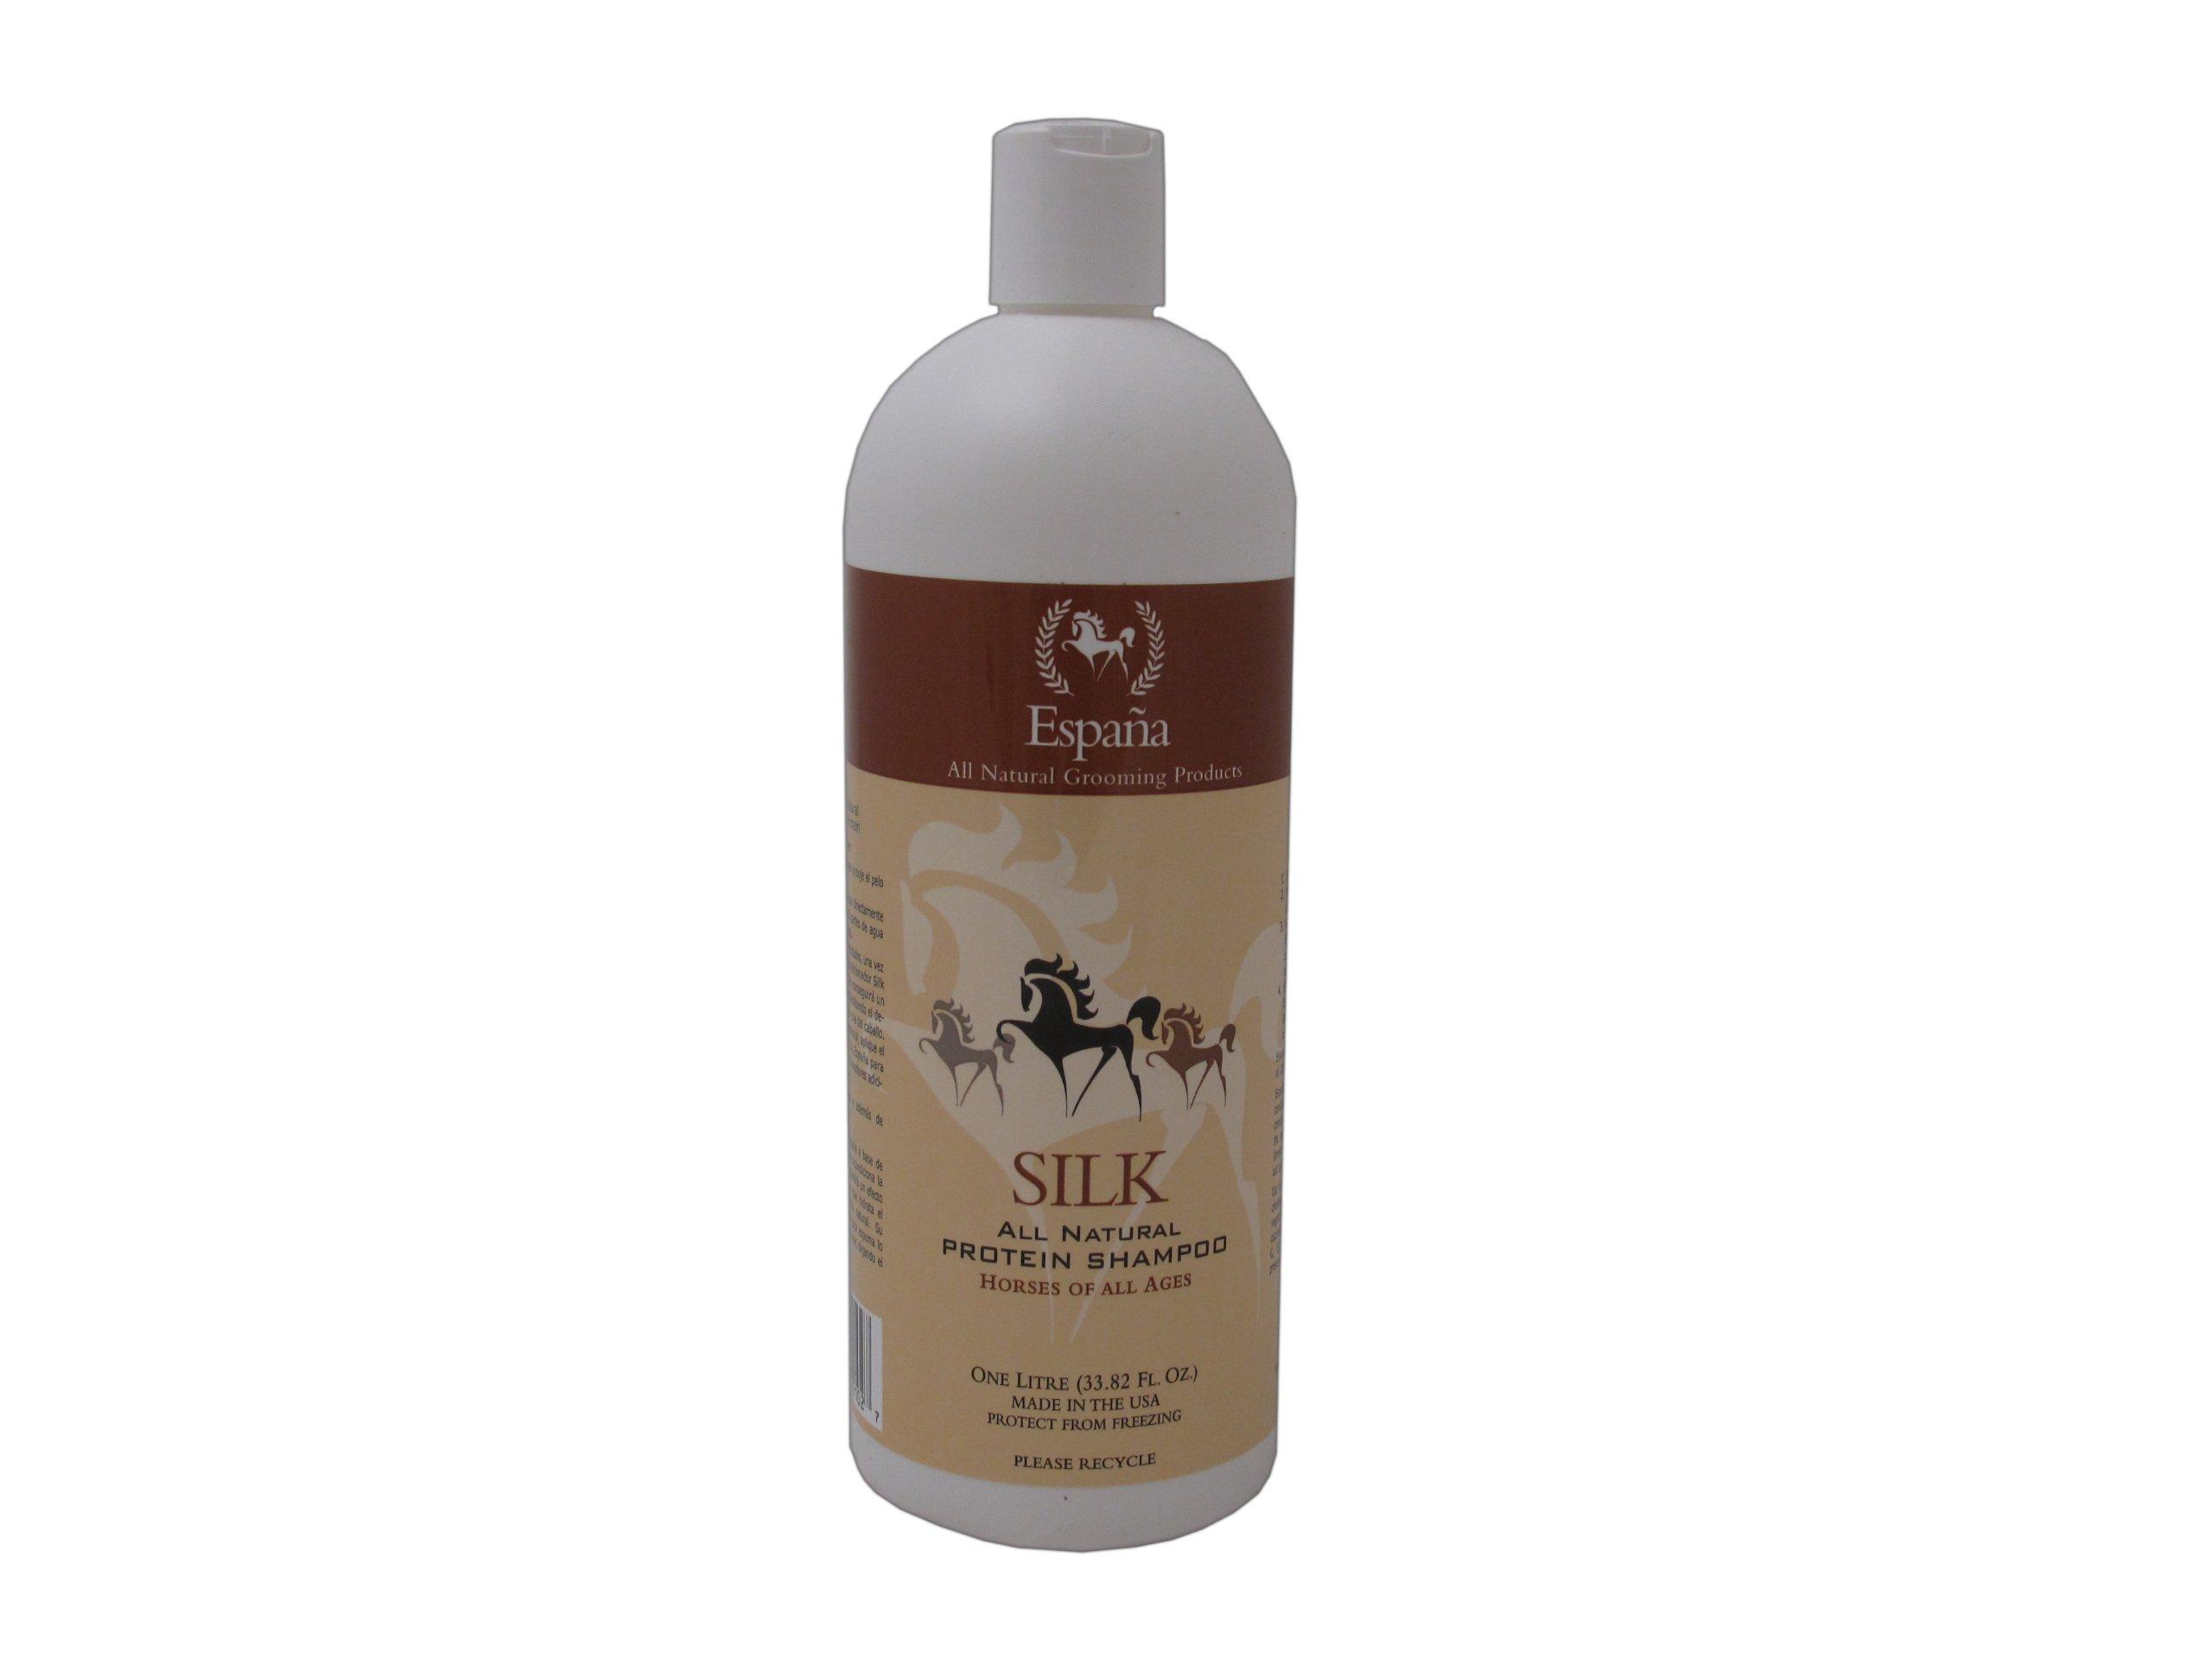 Espana Silk ESP0020E Specially Formulated Silk Protein Shampoo for Horses, 33.82-Ounce by EspanaSILK